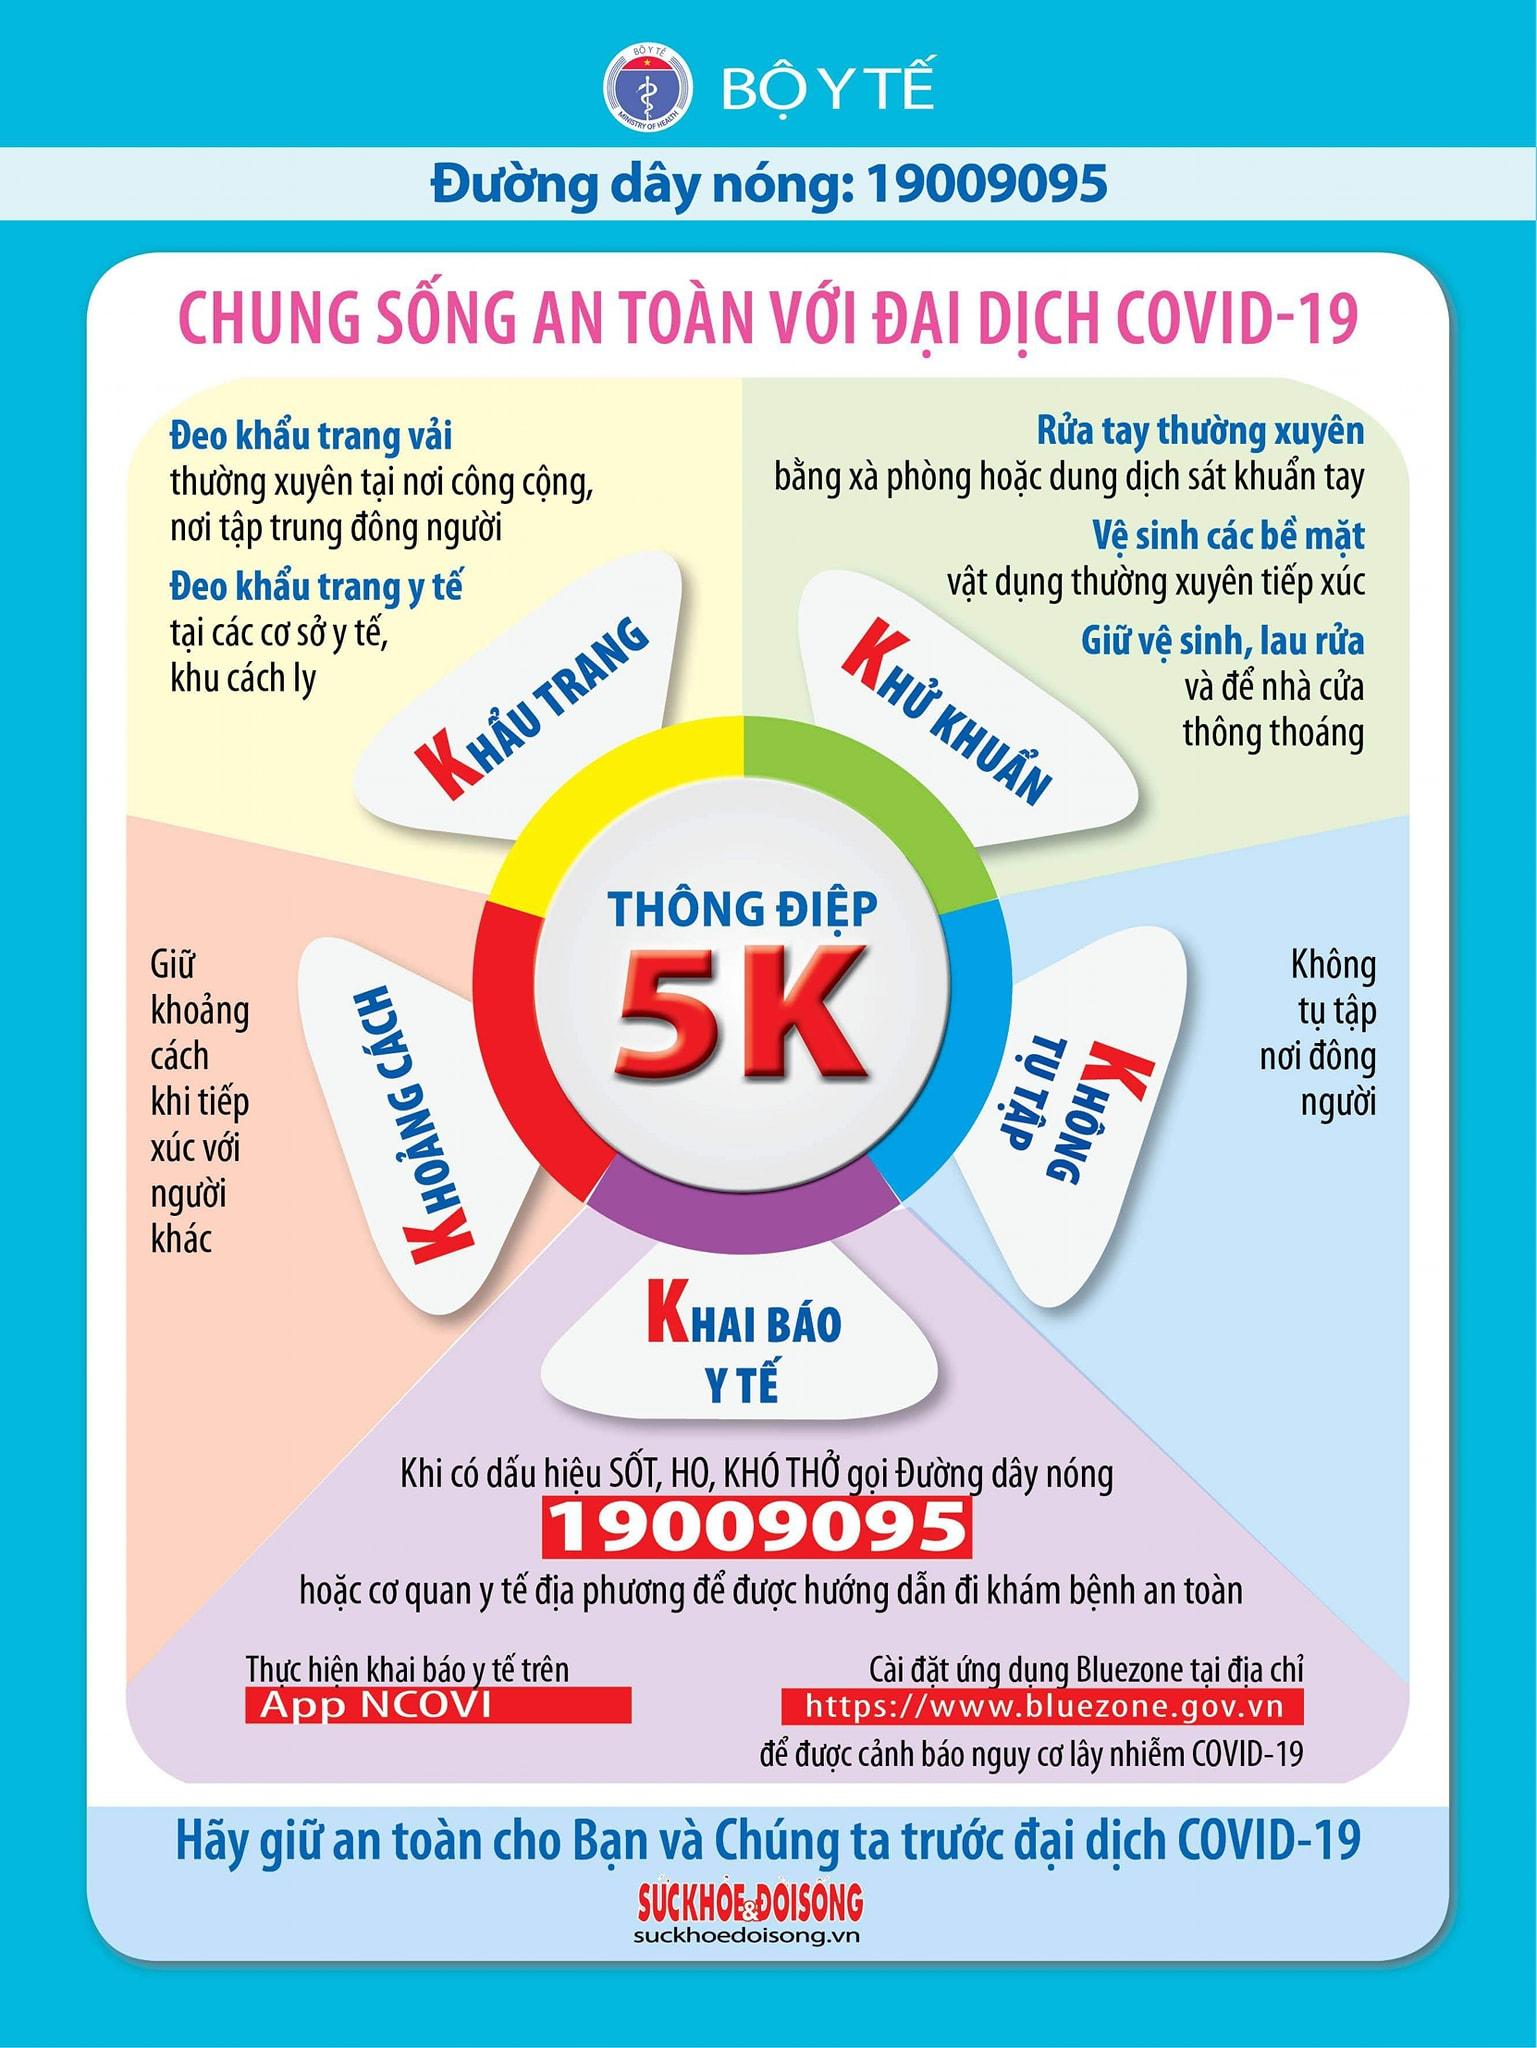 Nghiêm túc thực hiện các biện pháp phòng bệnh theo thông điệp 5K của Bộ Y tế